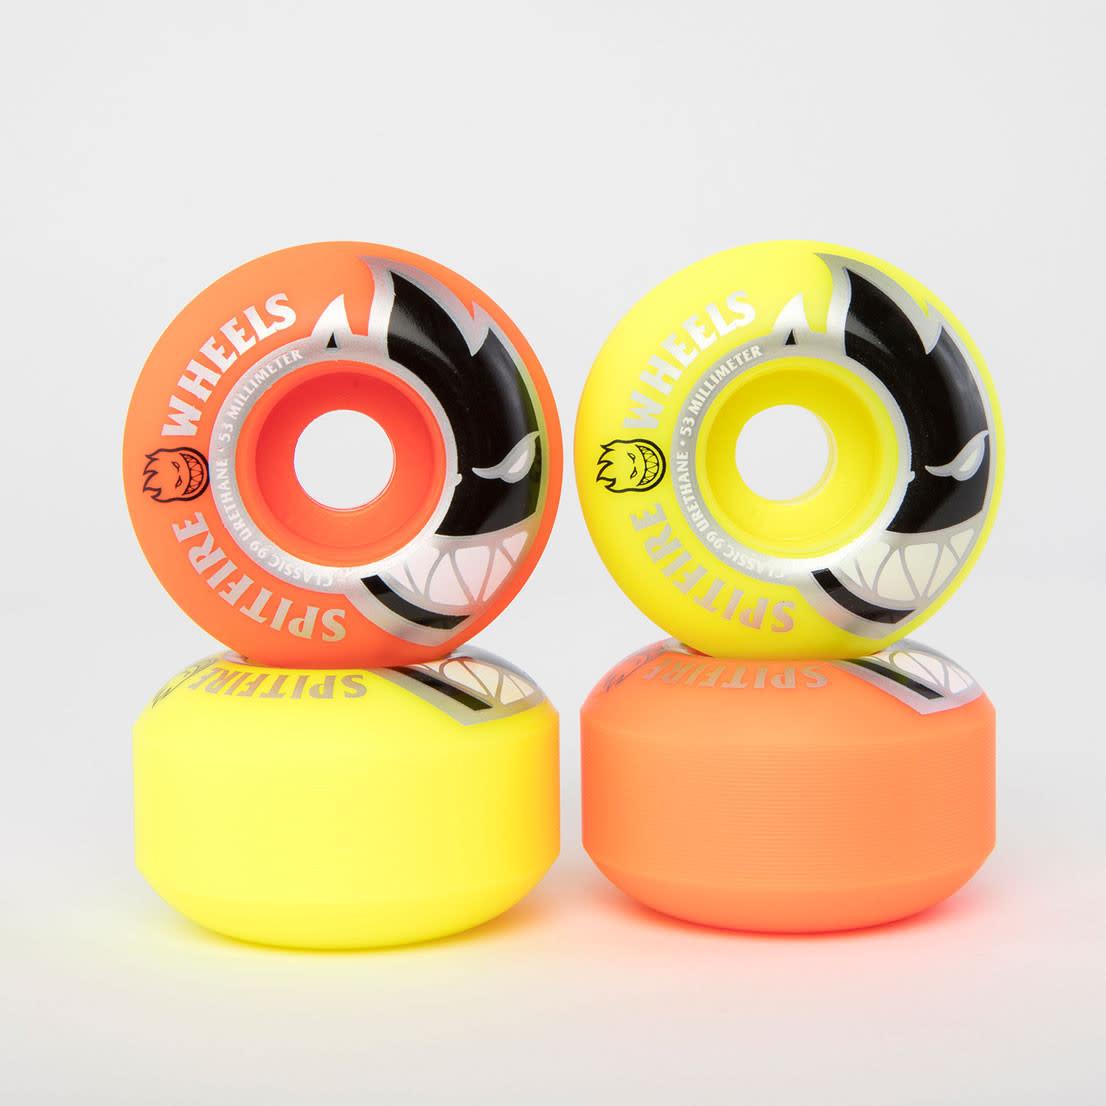 Spitfire Wheels Spitfire Bighead Mash Up Orange/Yellow 53mm